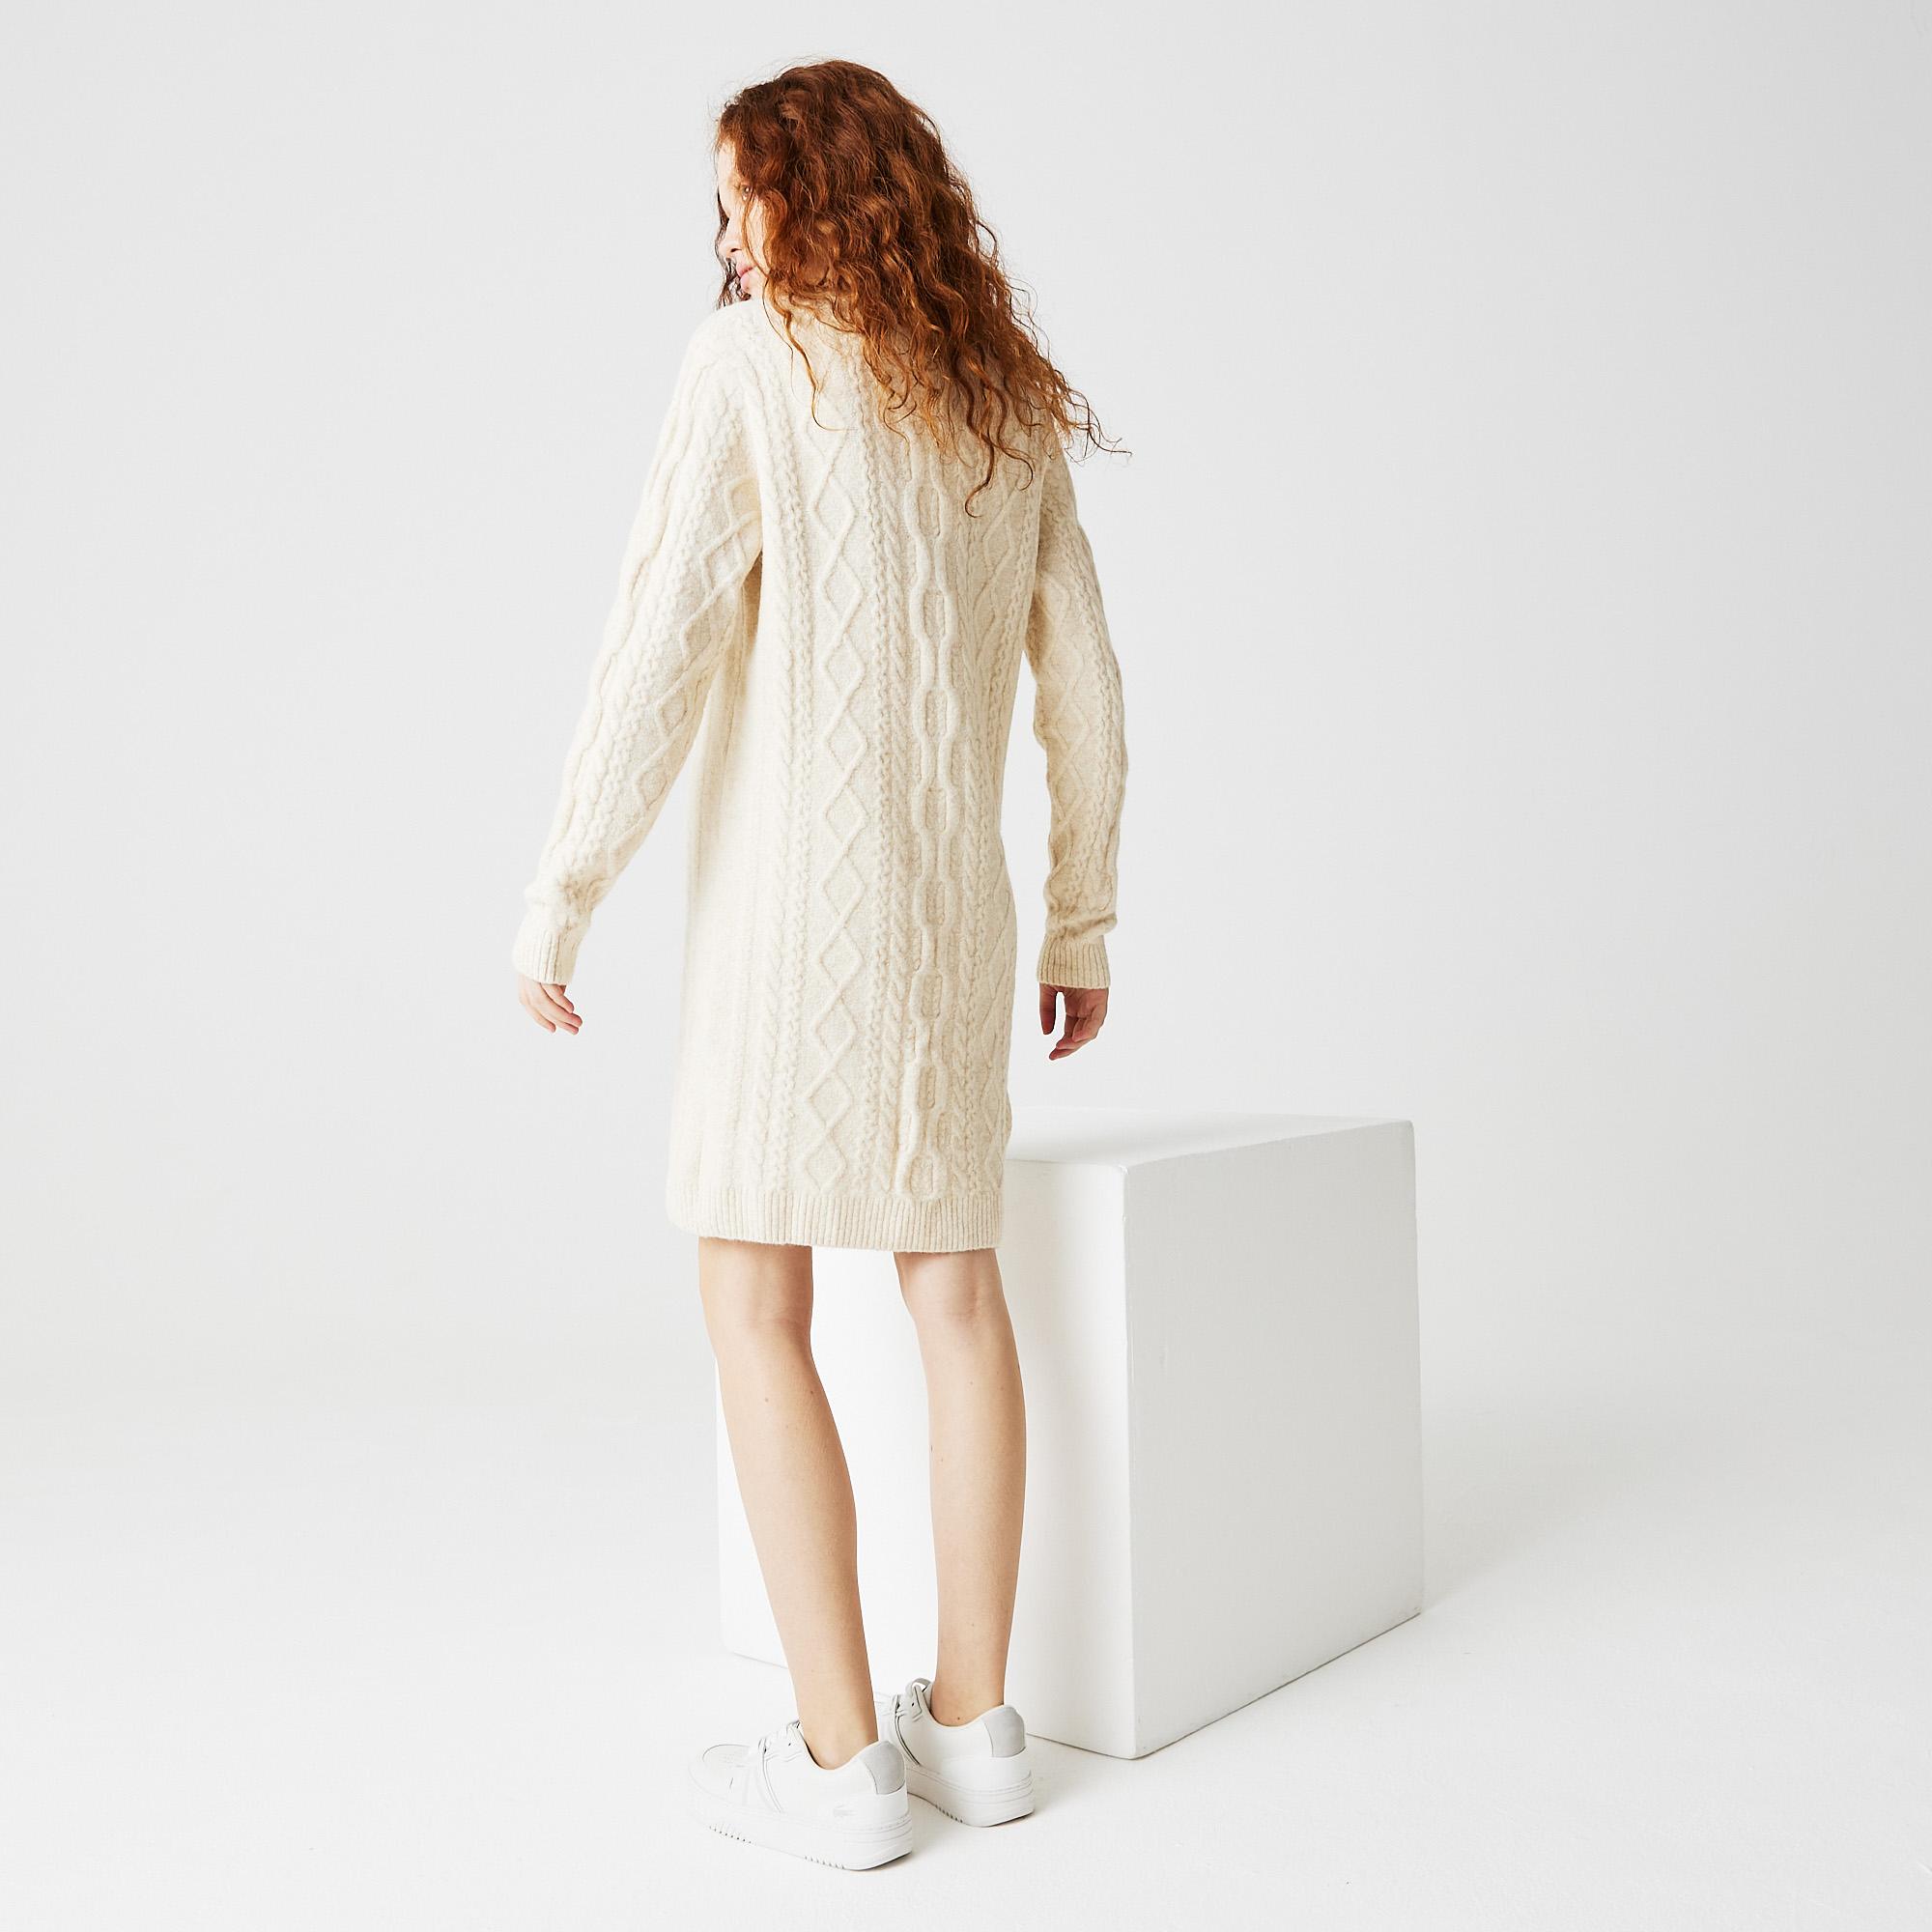 Фото 2 - Женское платье Lacoste белого цвета